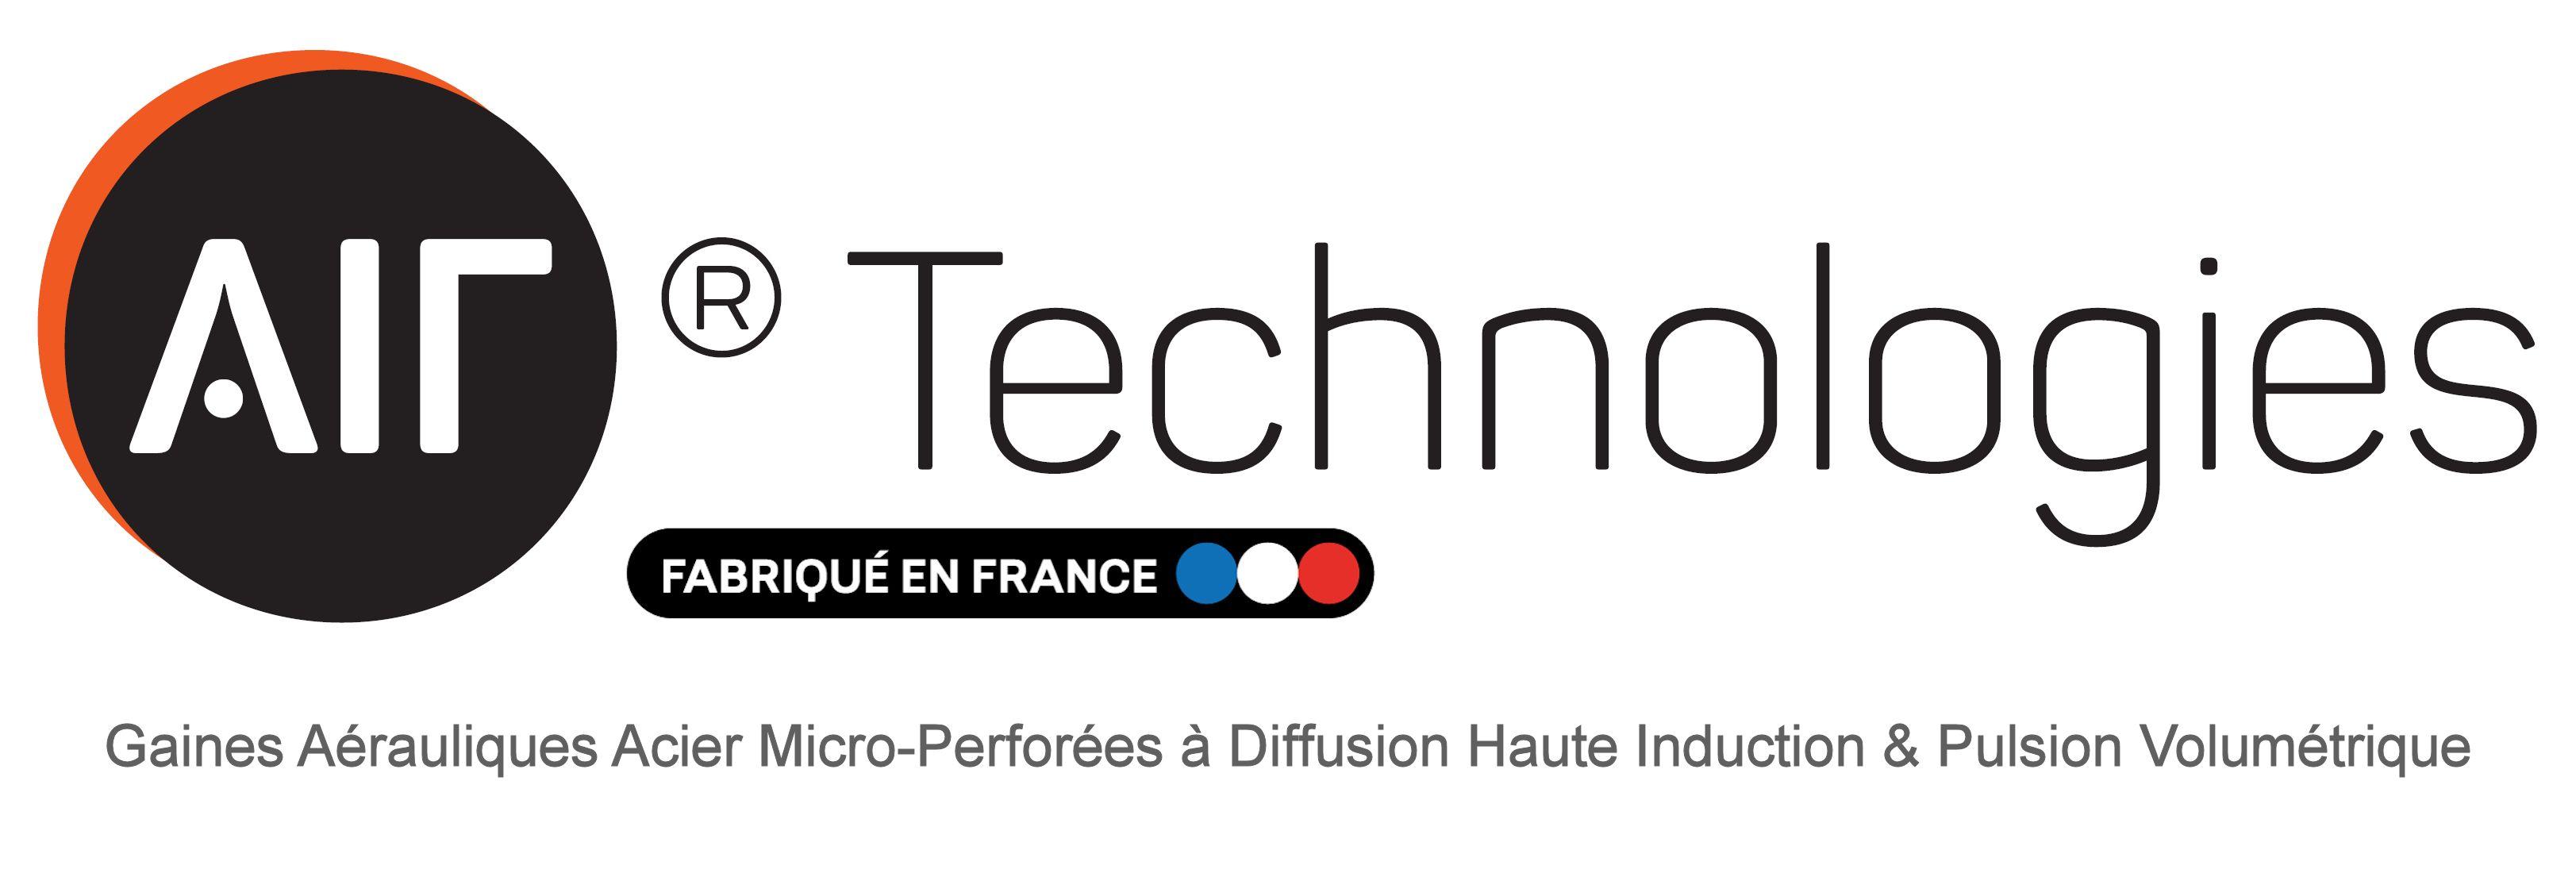 AIR TECHNOLOGIES_Global-Logo